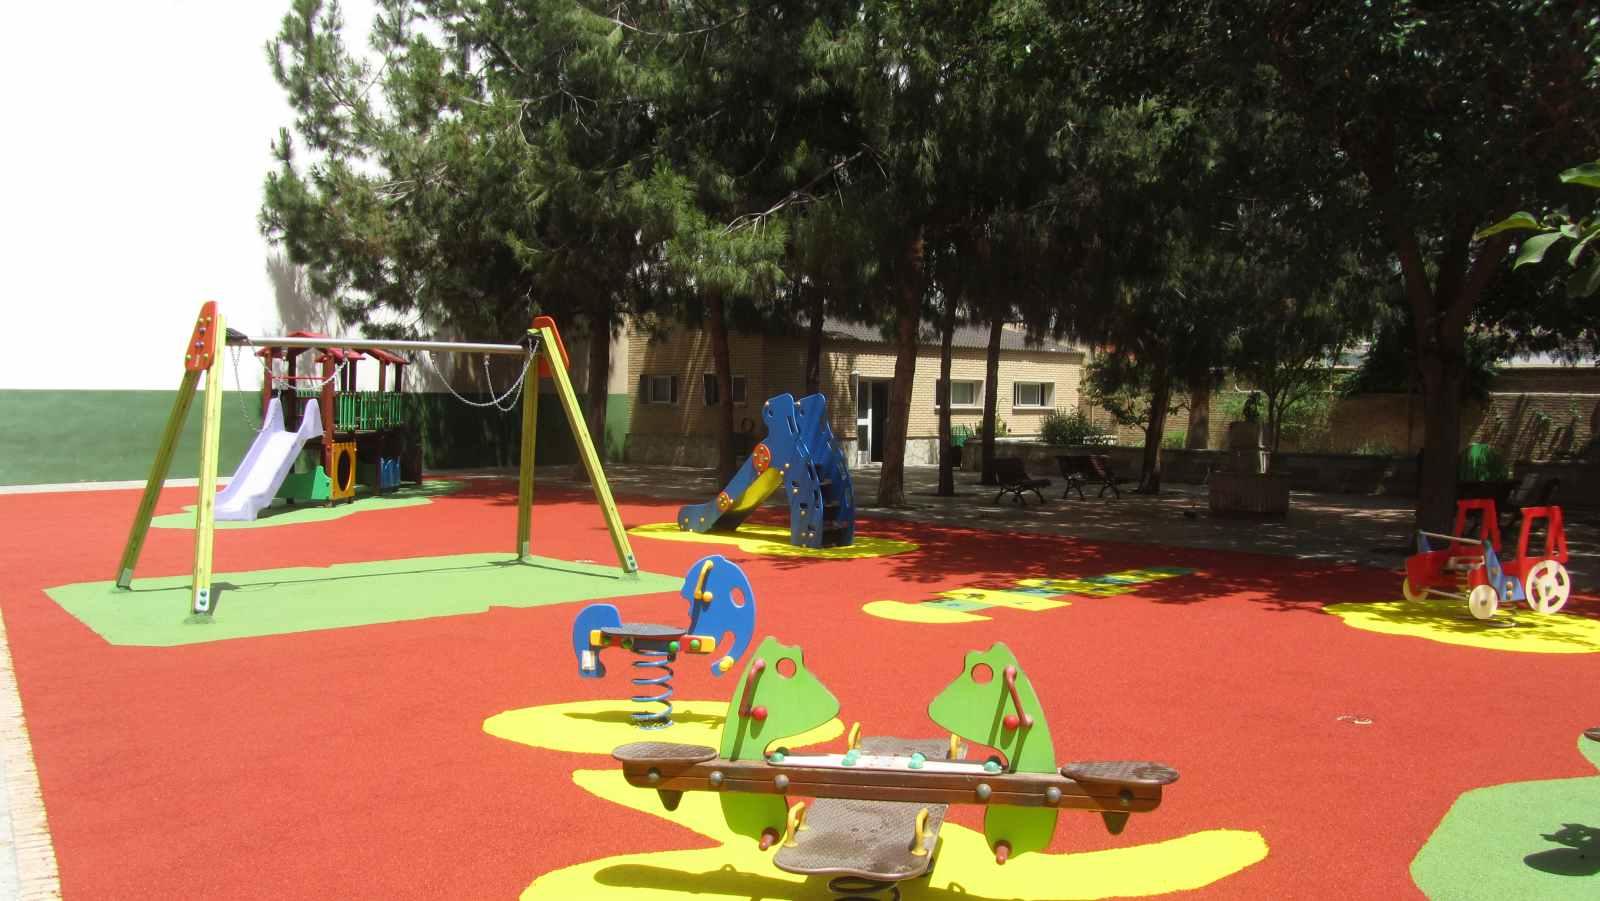 Colegio Esclavas Parque Infantil